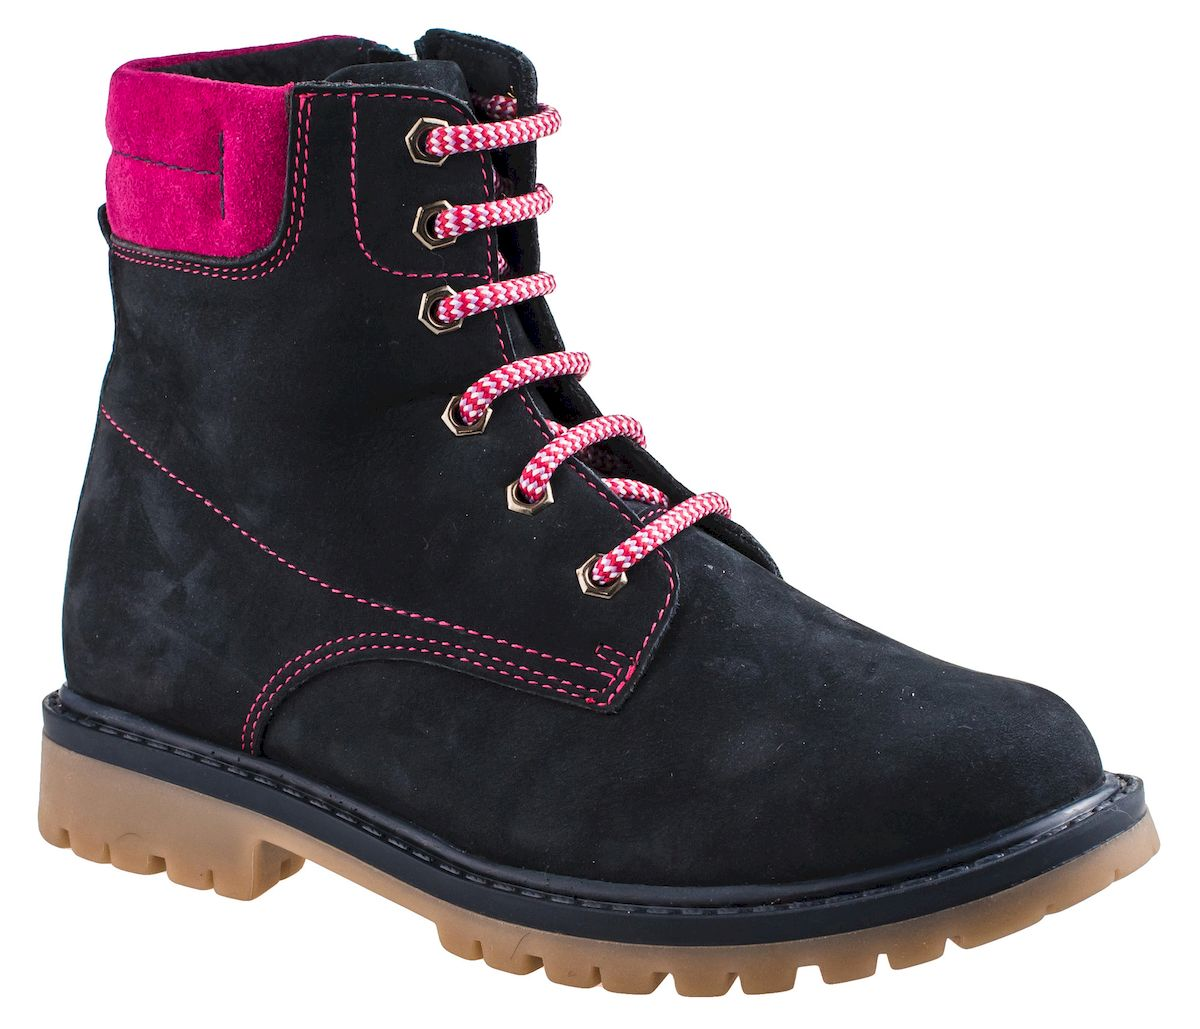 Ботинки для девочки Elegami, цвет: темно-синий, фуксия. 3/4-516201601. Размер 39516201601Модные ботинки для девочки от Elegami выполнены из натурального нубука и оформлены контрастной прострочкой. Шнуровка надежно зафиксирует модель на ноге. Боковая застежка-молния позволяет легко снимать и надевать модель. Подкладка и стелька из шерсти и текстиля не дадут ногам замерзнуть. Подошва и невысокий каблук дополнены рифлением.